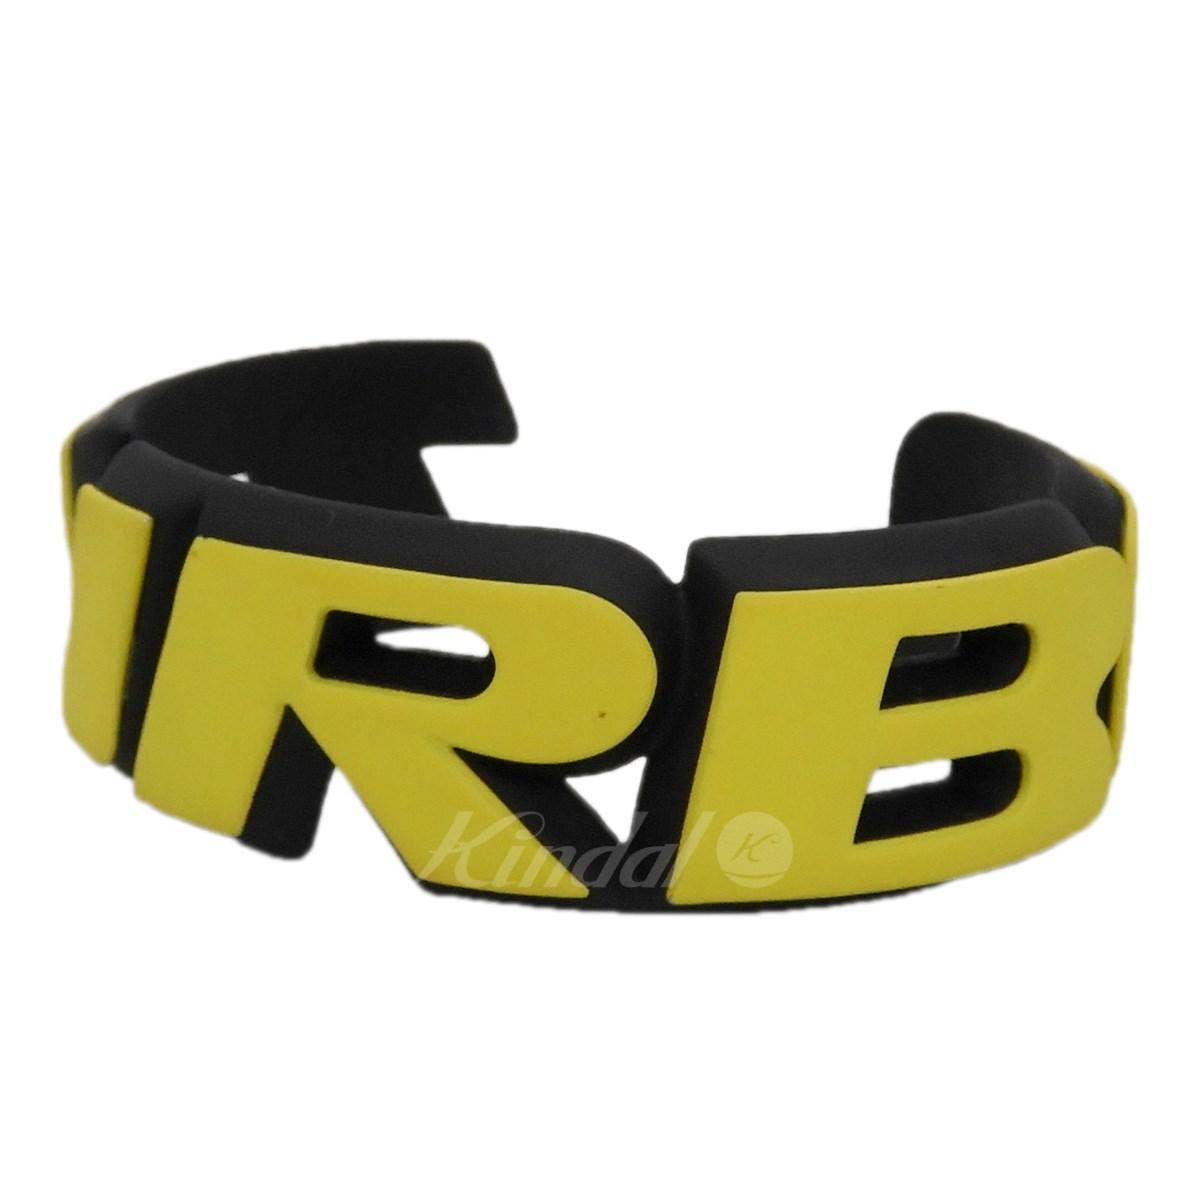 【中古】BALENCIAGA 「Turbo Badge Bracelet」ターボバッジブレスレット 【送料無料】 【123241】 【KIND1550】